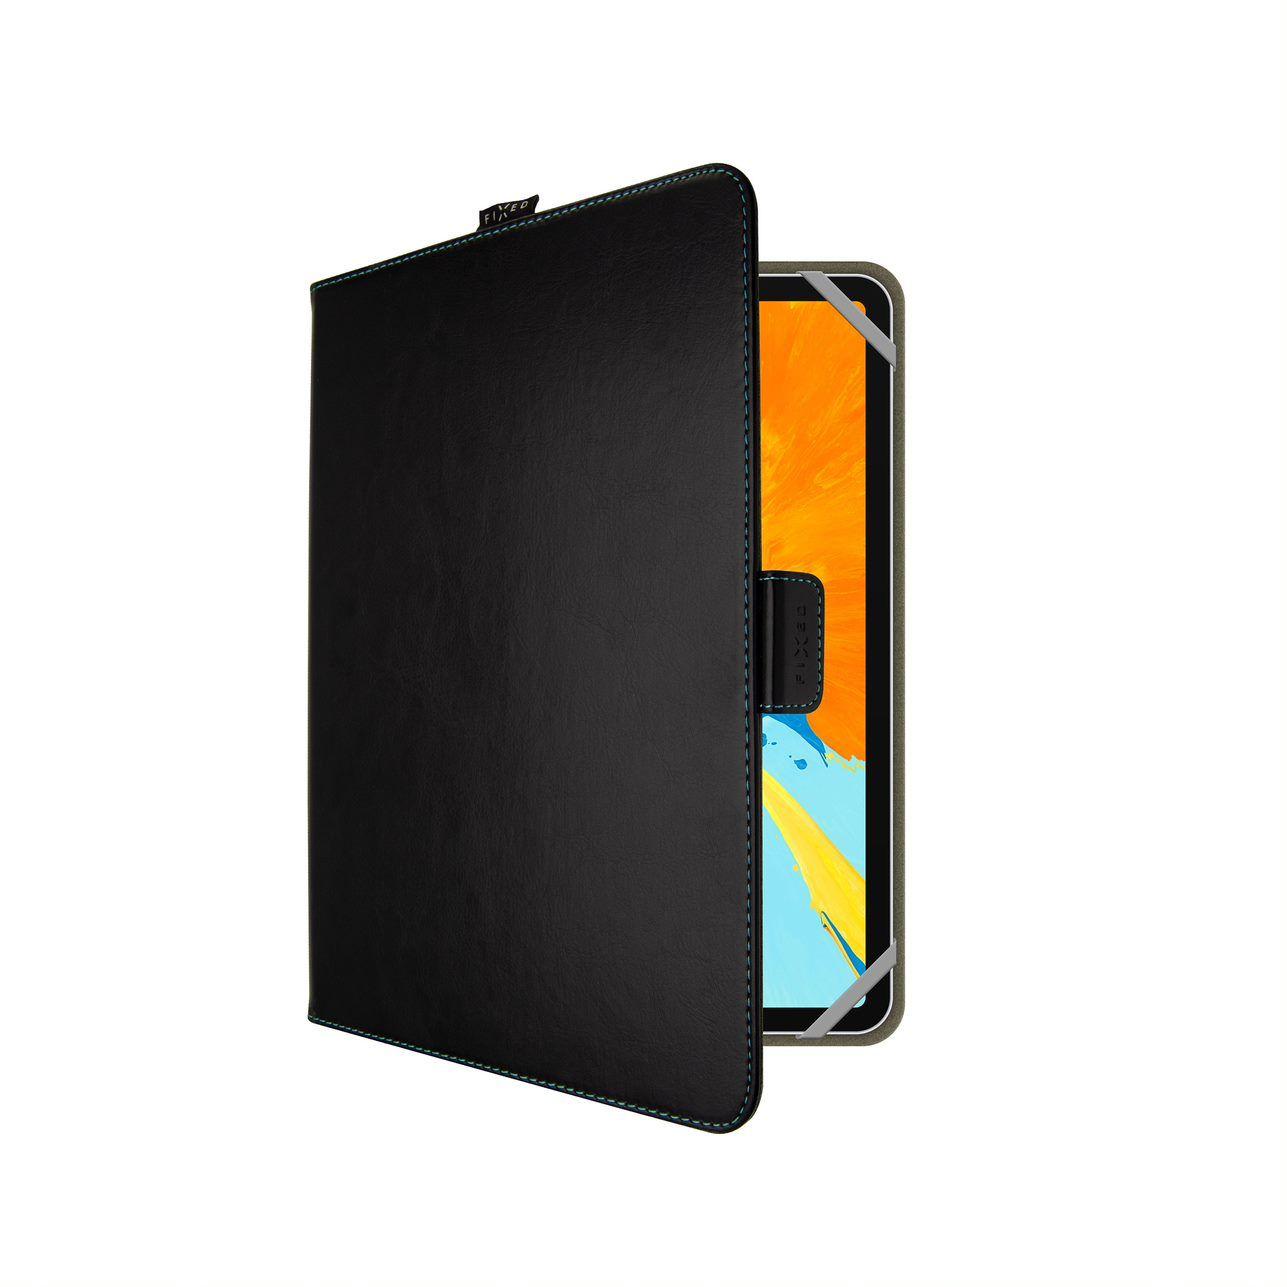 Pouzdro pro 10,1'' tablety FIXED Novel, černé - FIXNOV-T10-BK